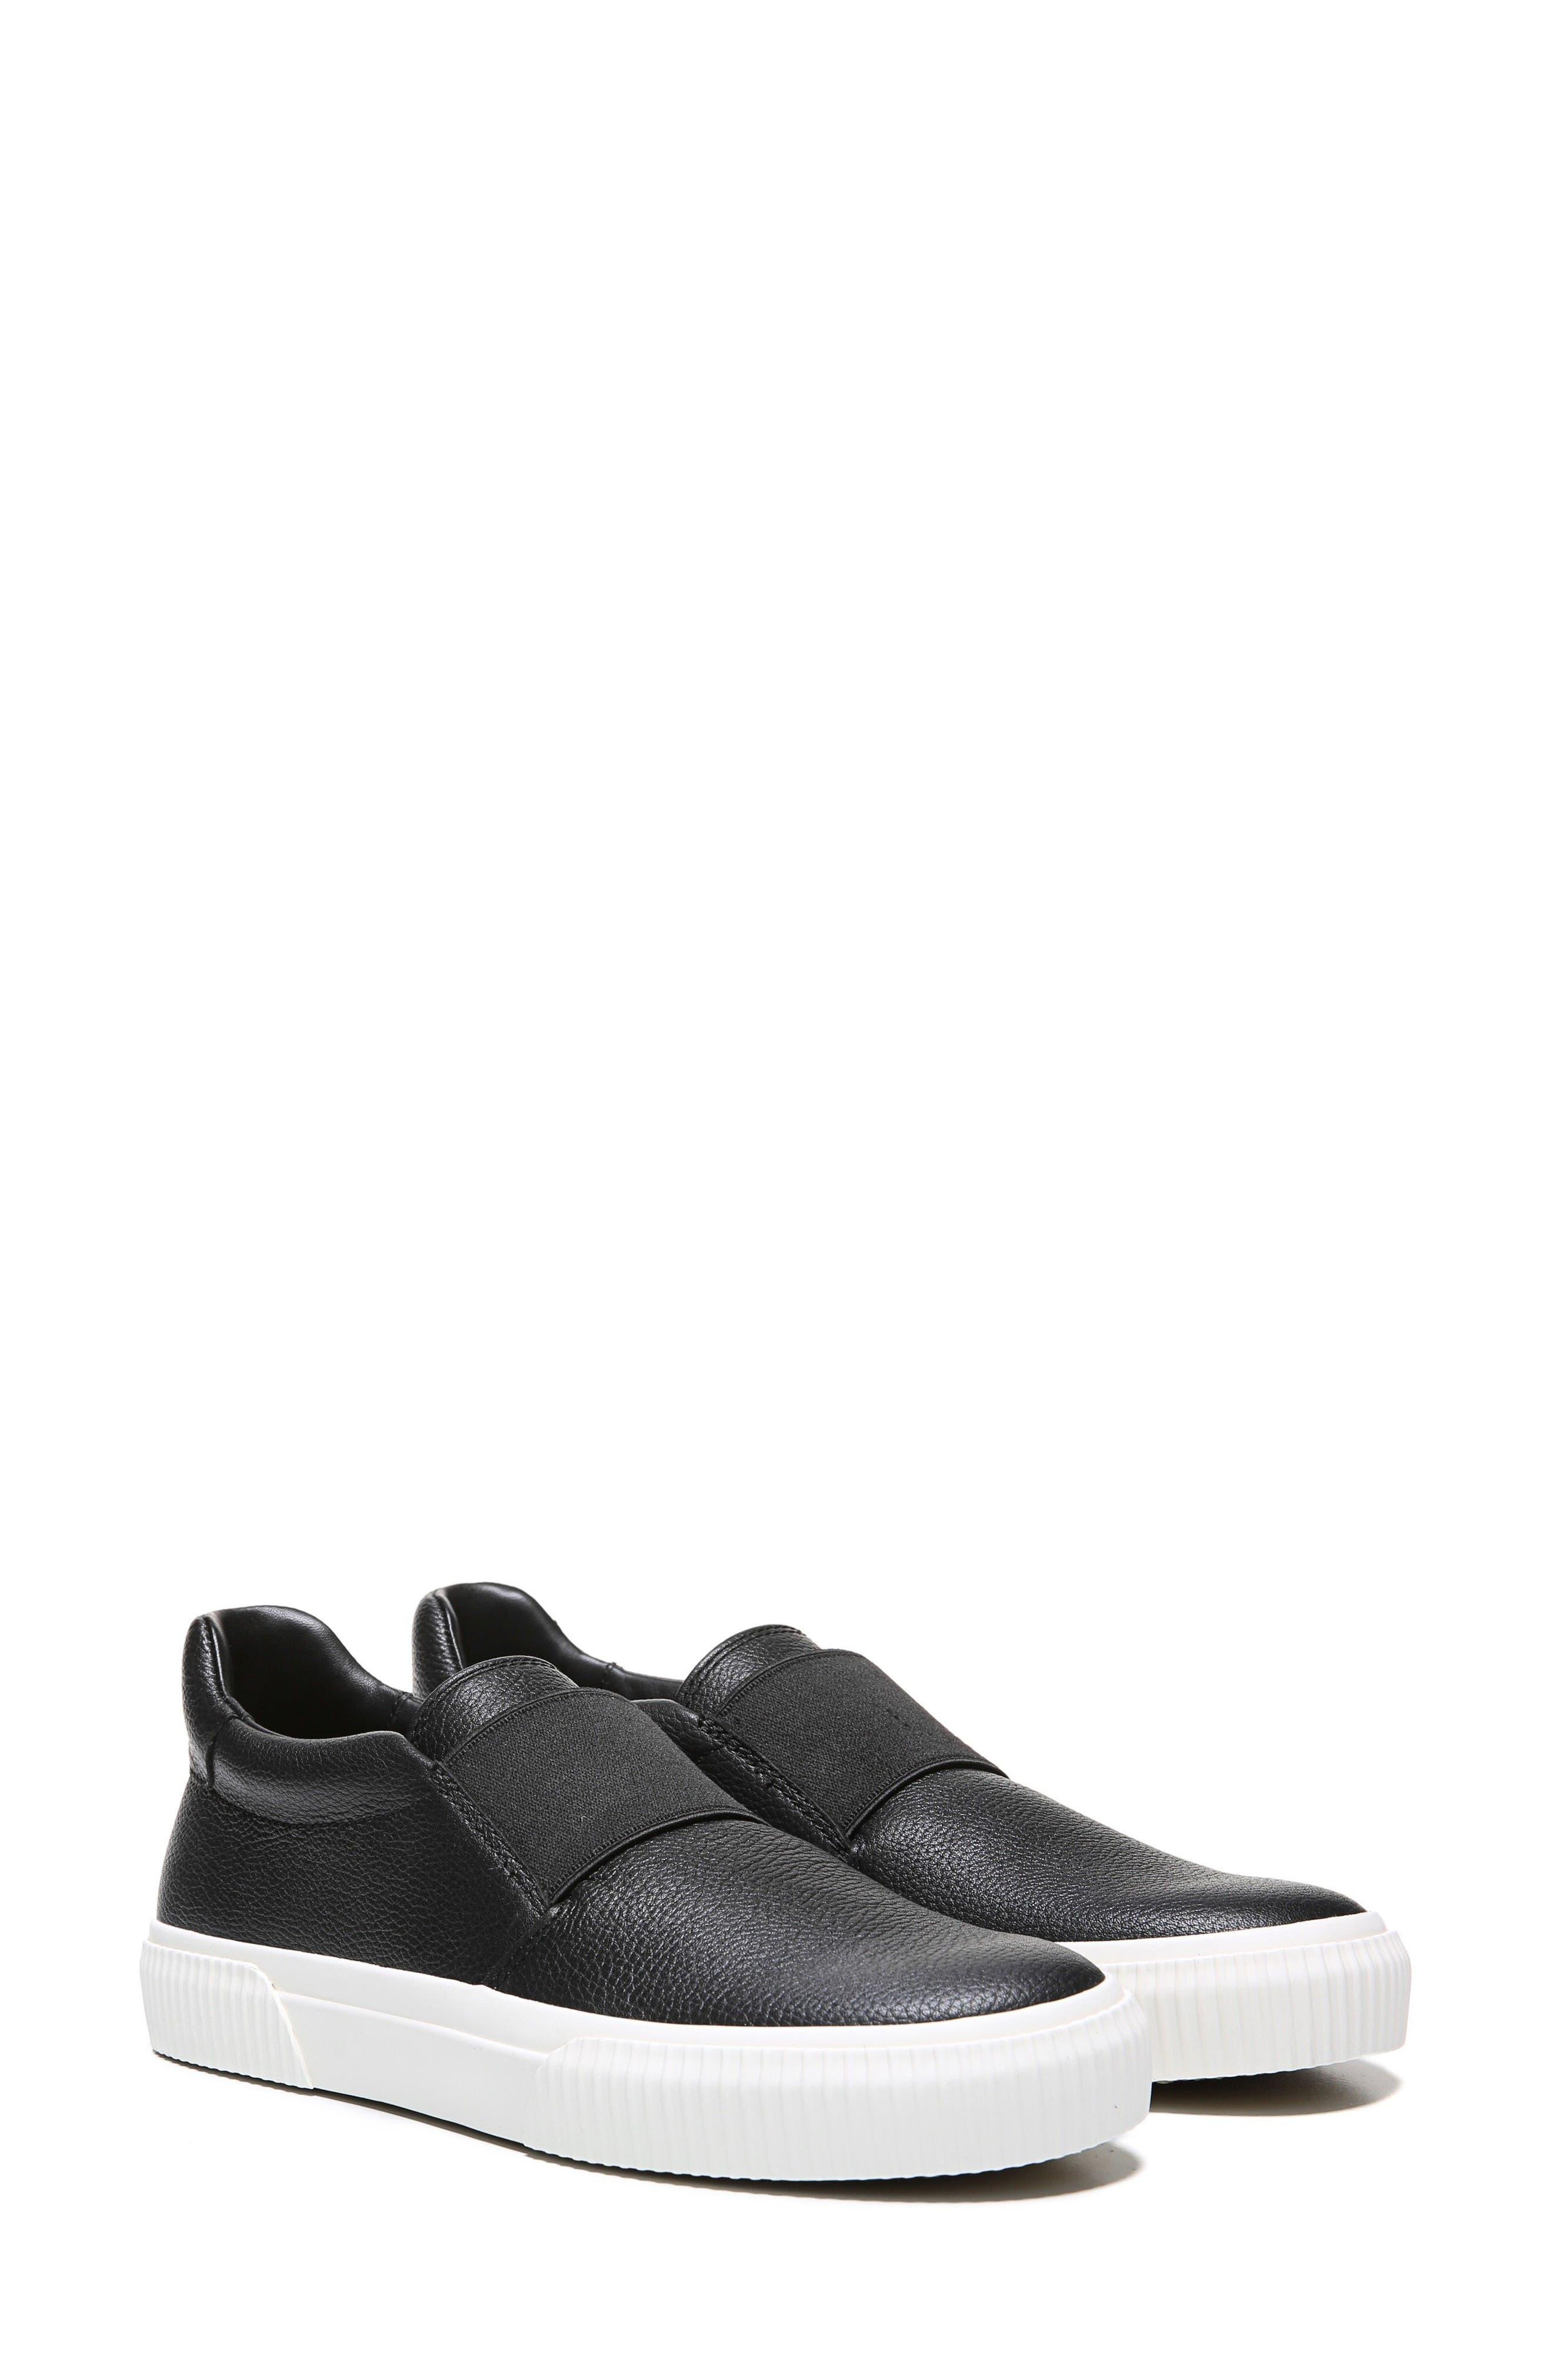 Kirkland Slip-On Sneaker,                             Alternate thumbnail 7, color,                             001